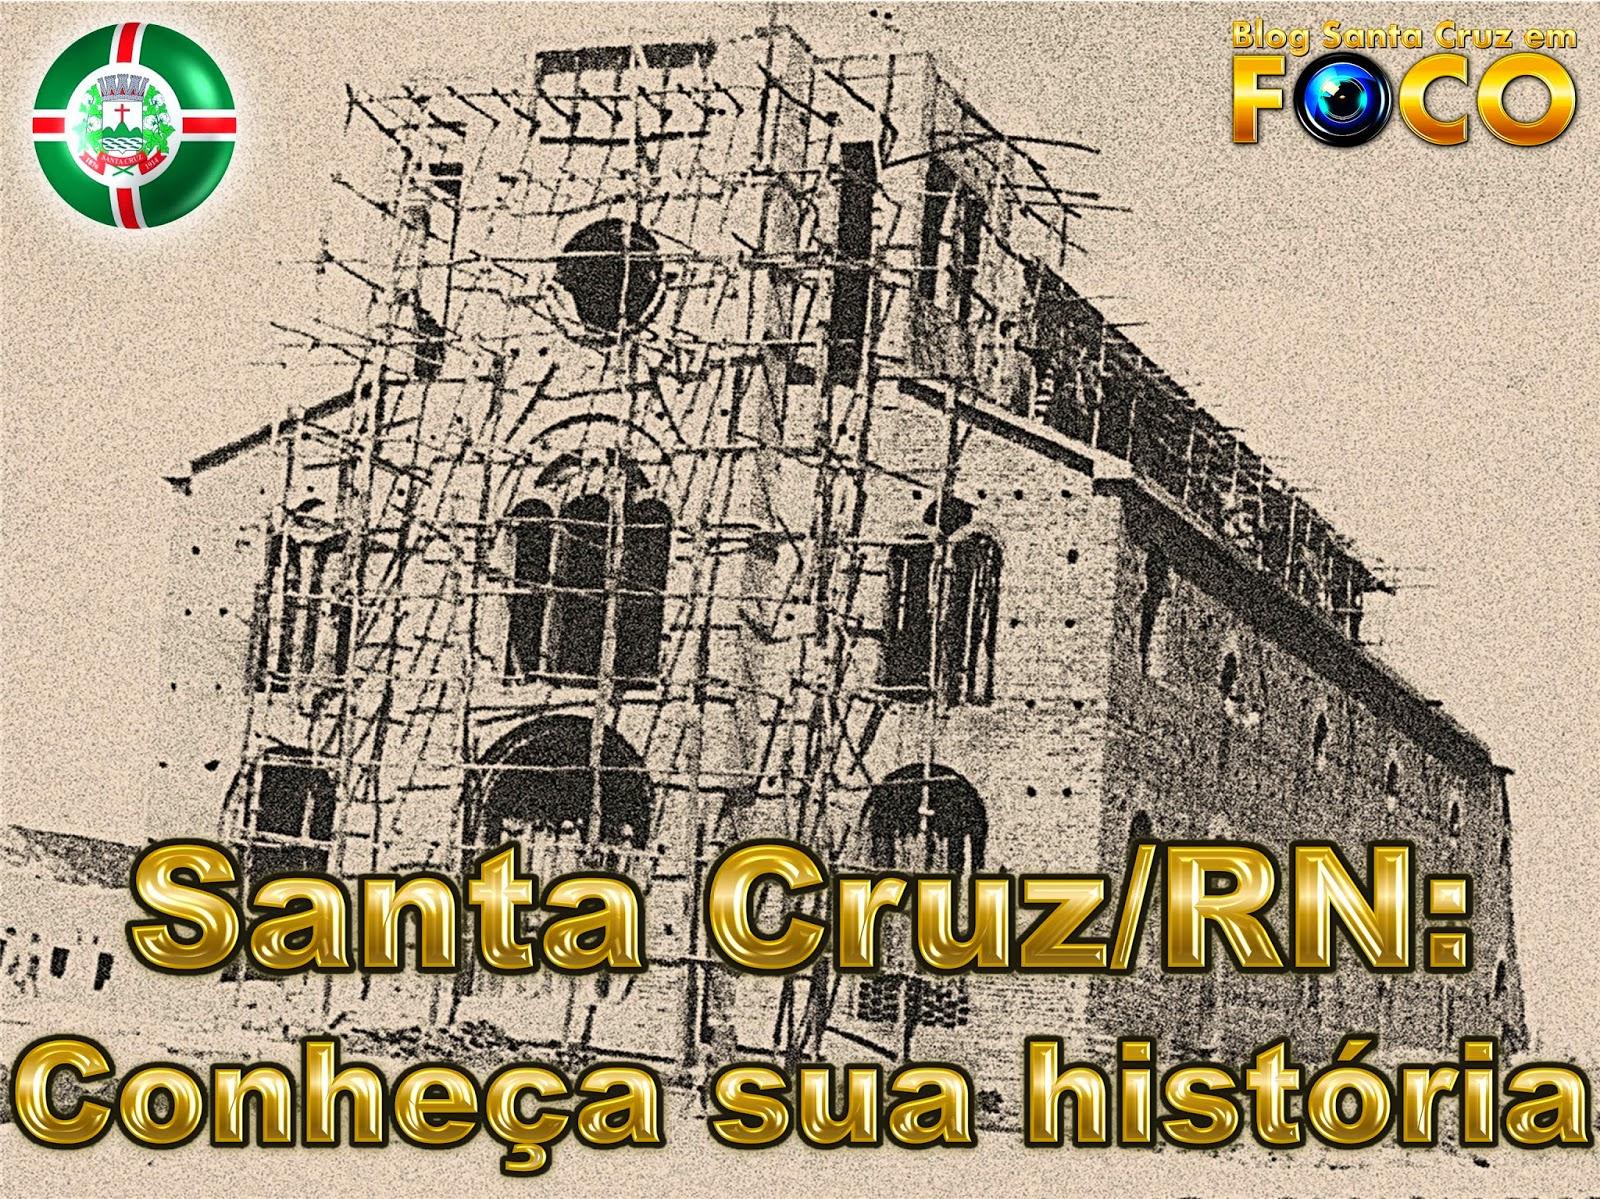 366893f2f6f2 Santa Cruz/RN está localizada à 113 km da capital potiguar e é conhecida  por abrigar o Santuário de Santa Rita de Cássia, padroeira da cidade, ...